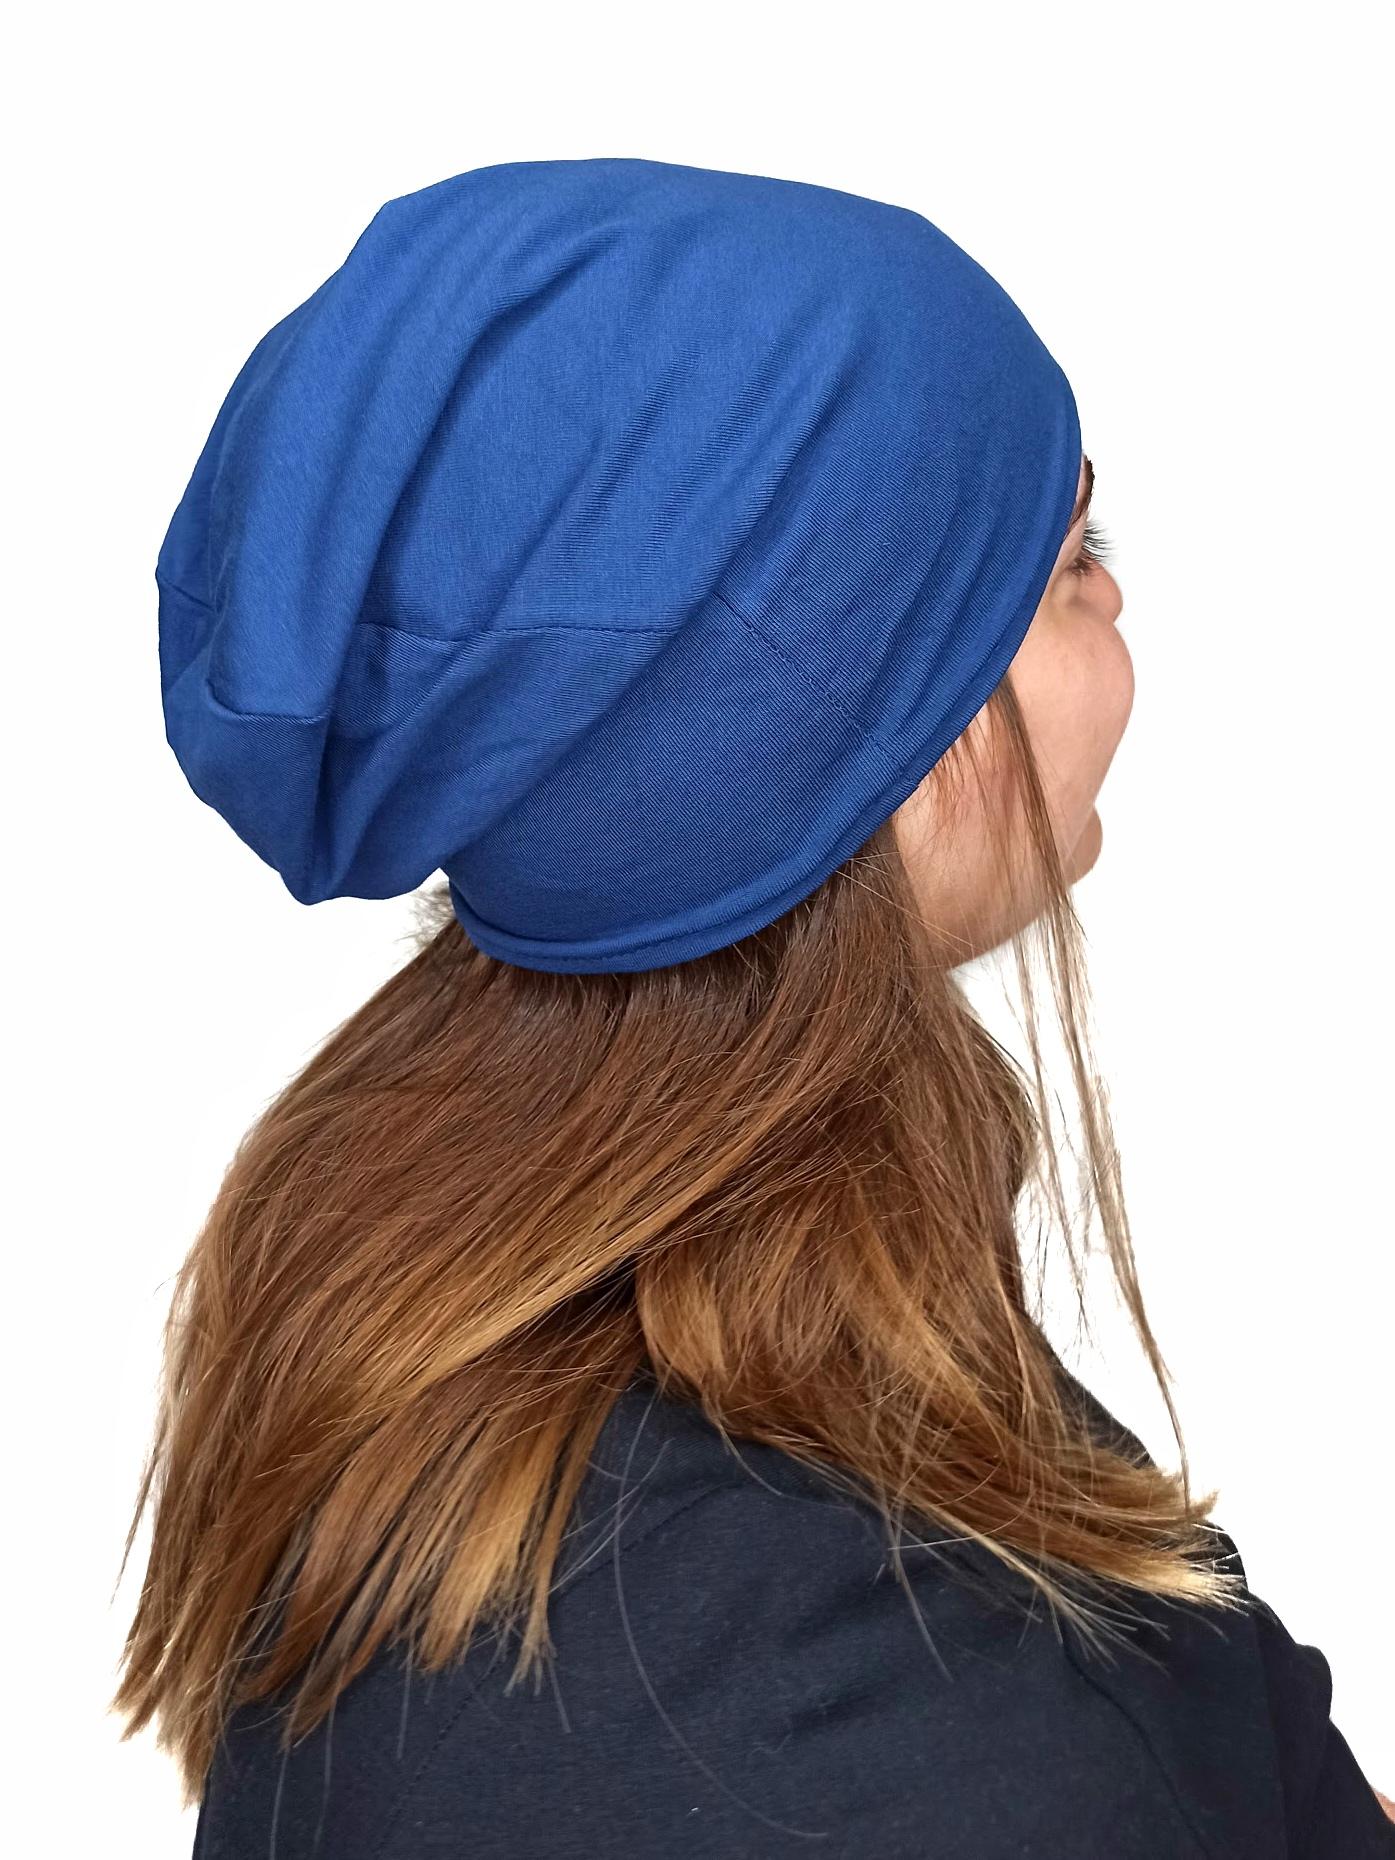 Dámská čepice bavlněná, oboustranná, tmavě šedý melír+jeans modrá